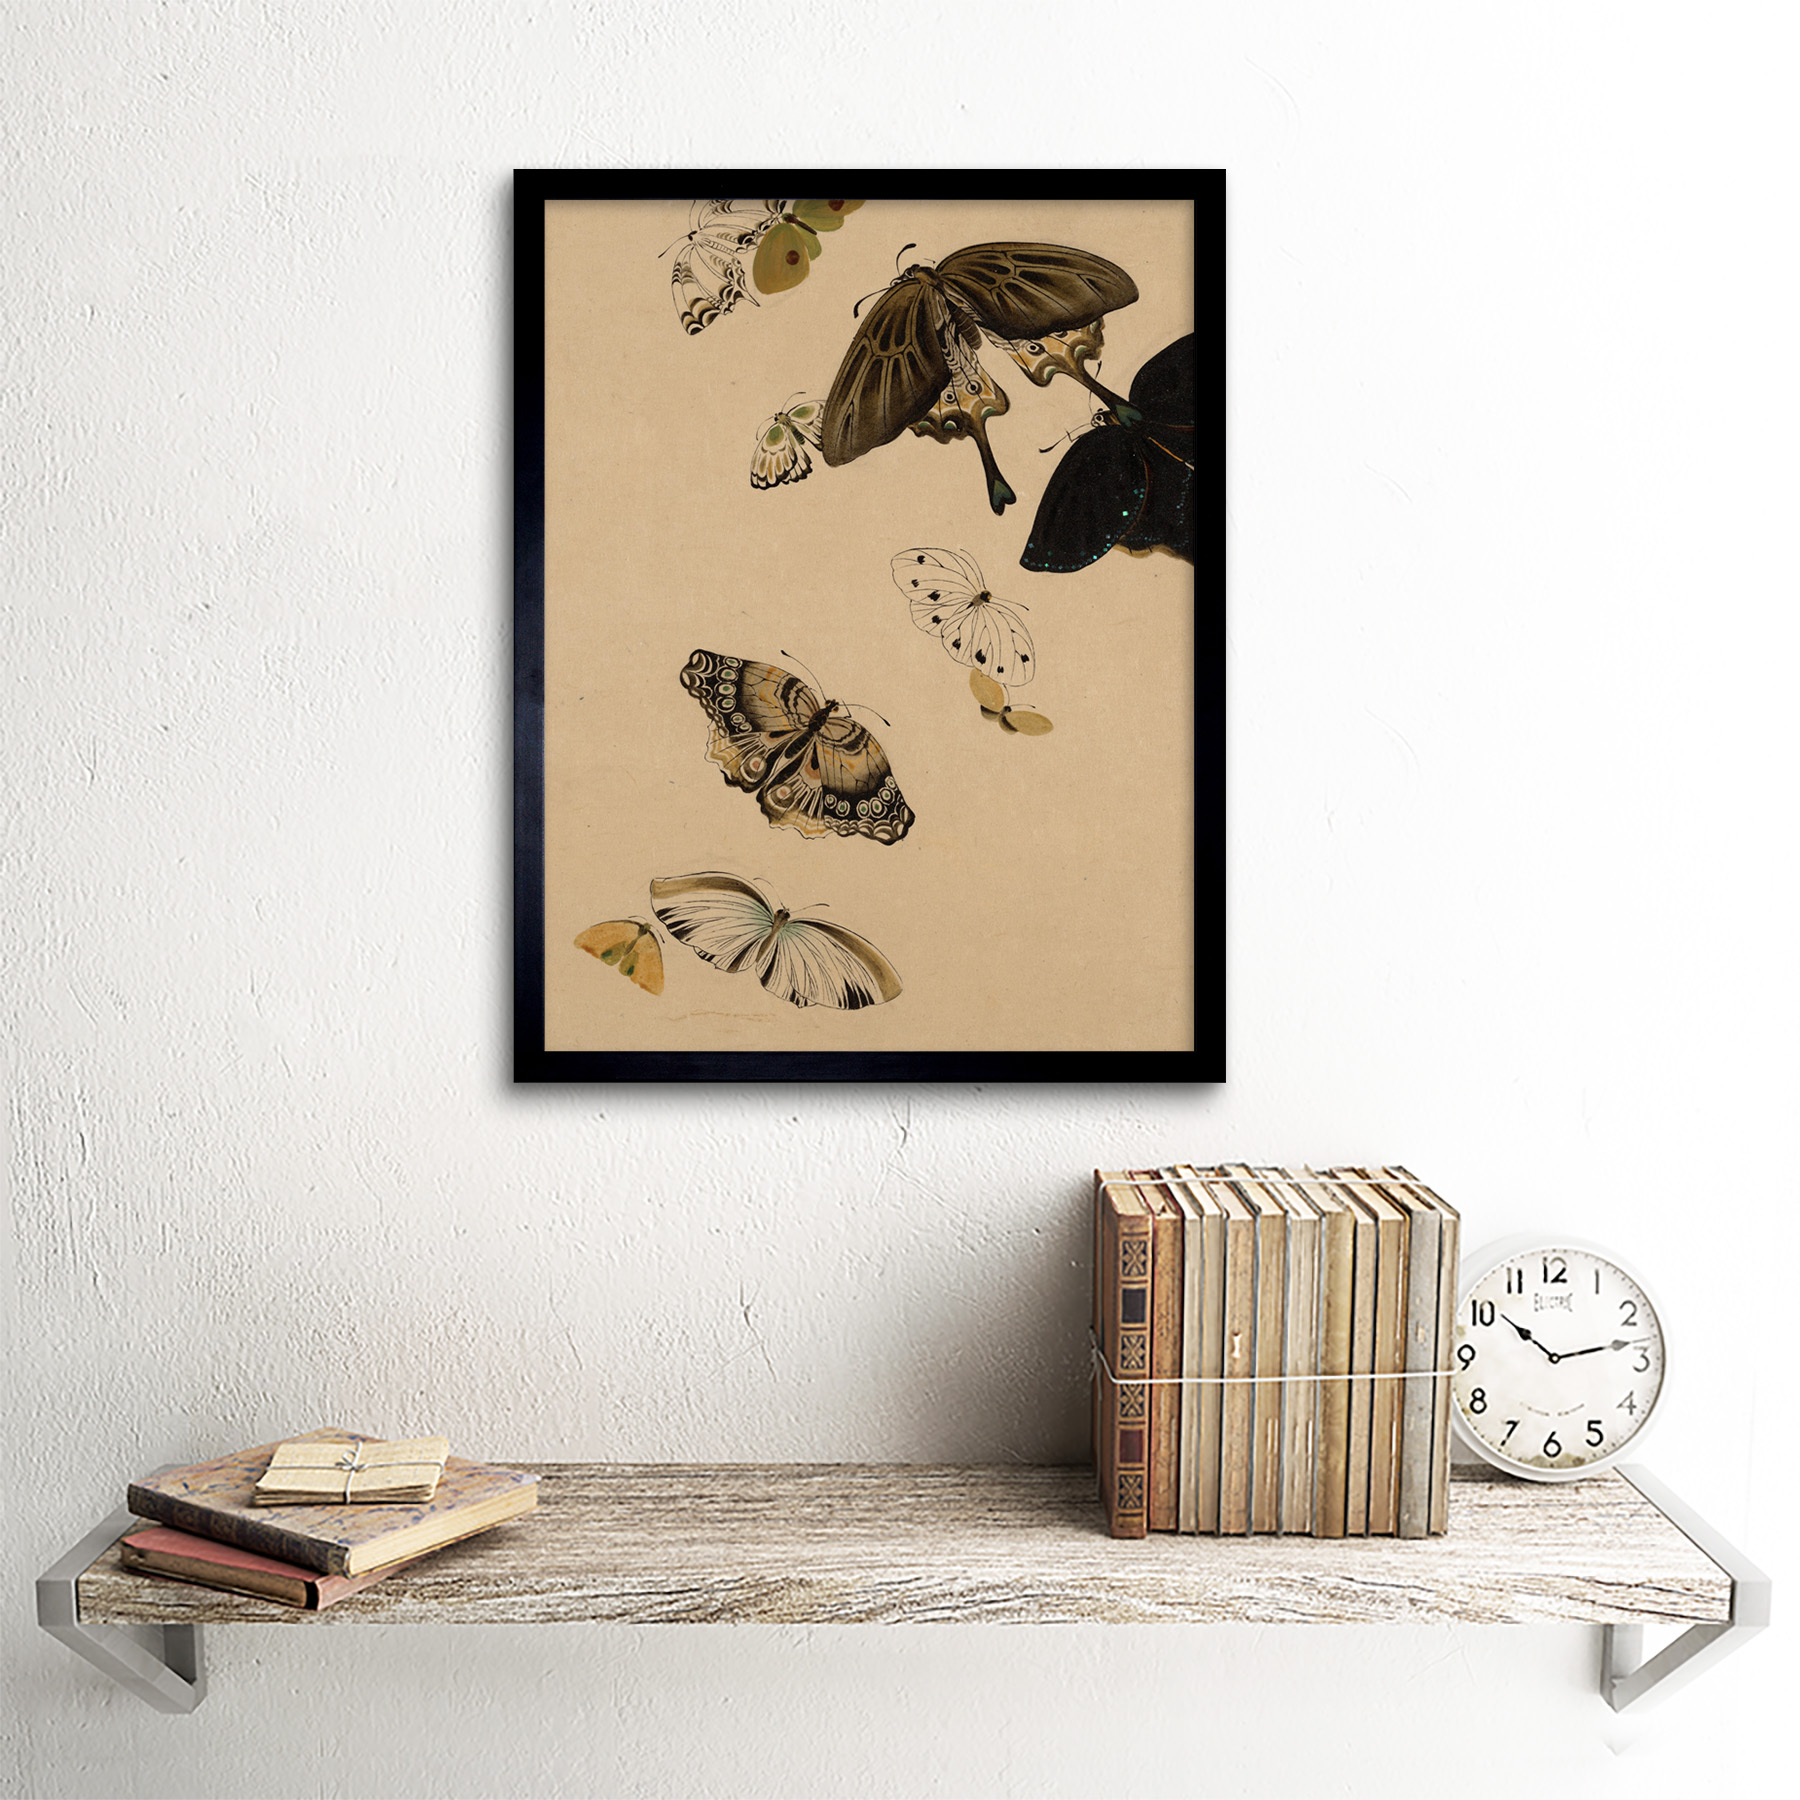 Zeshin-Butterflies-Japanese-Laquer-Painting-Wall-Art-Print-Framed-12x16 thumbnail 3